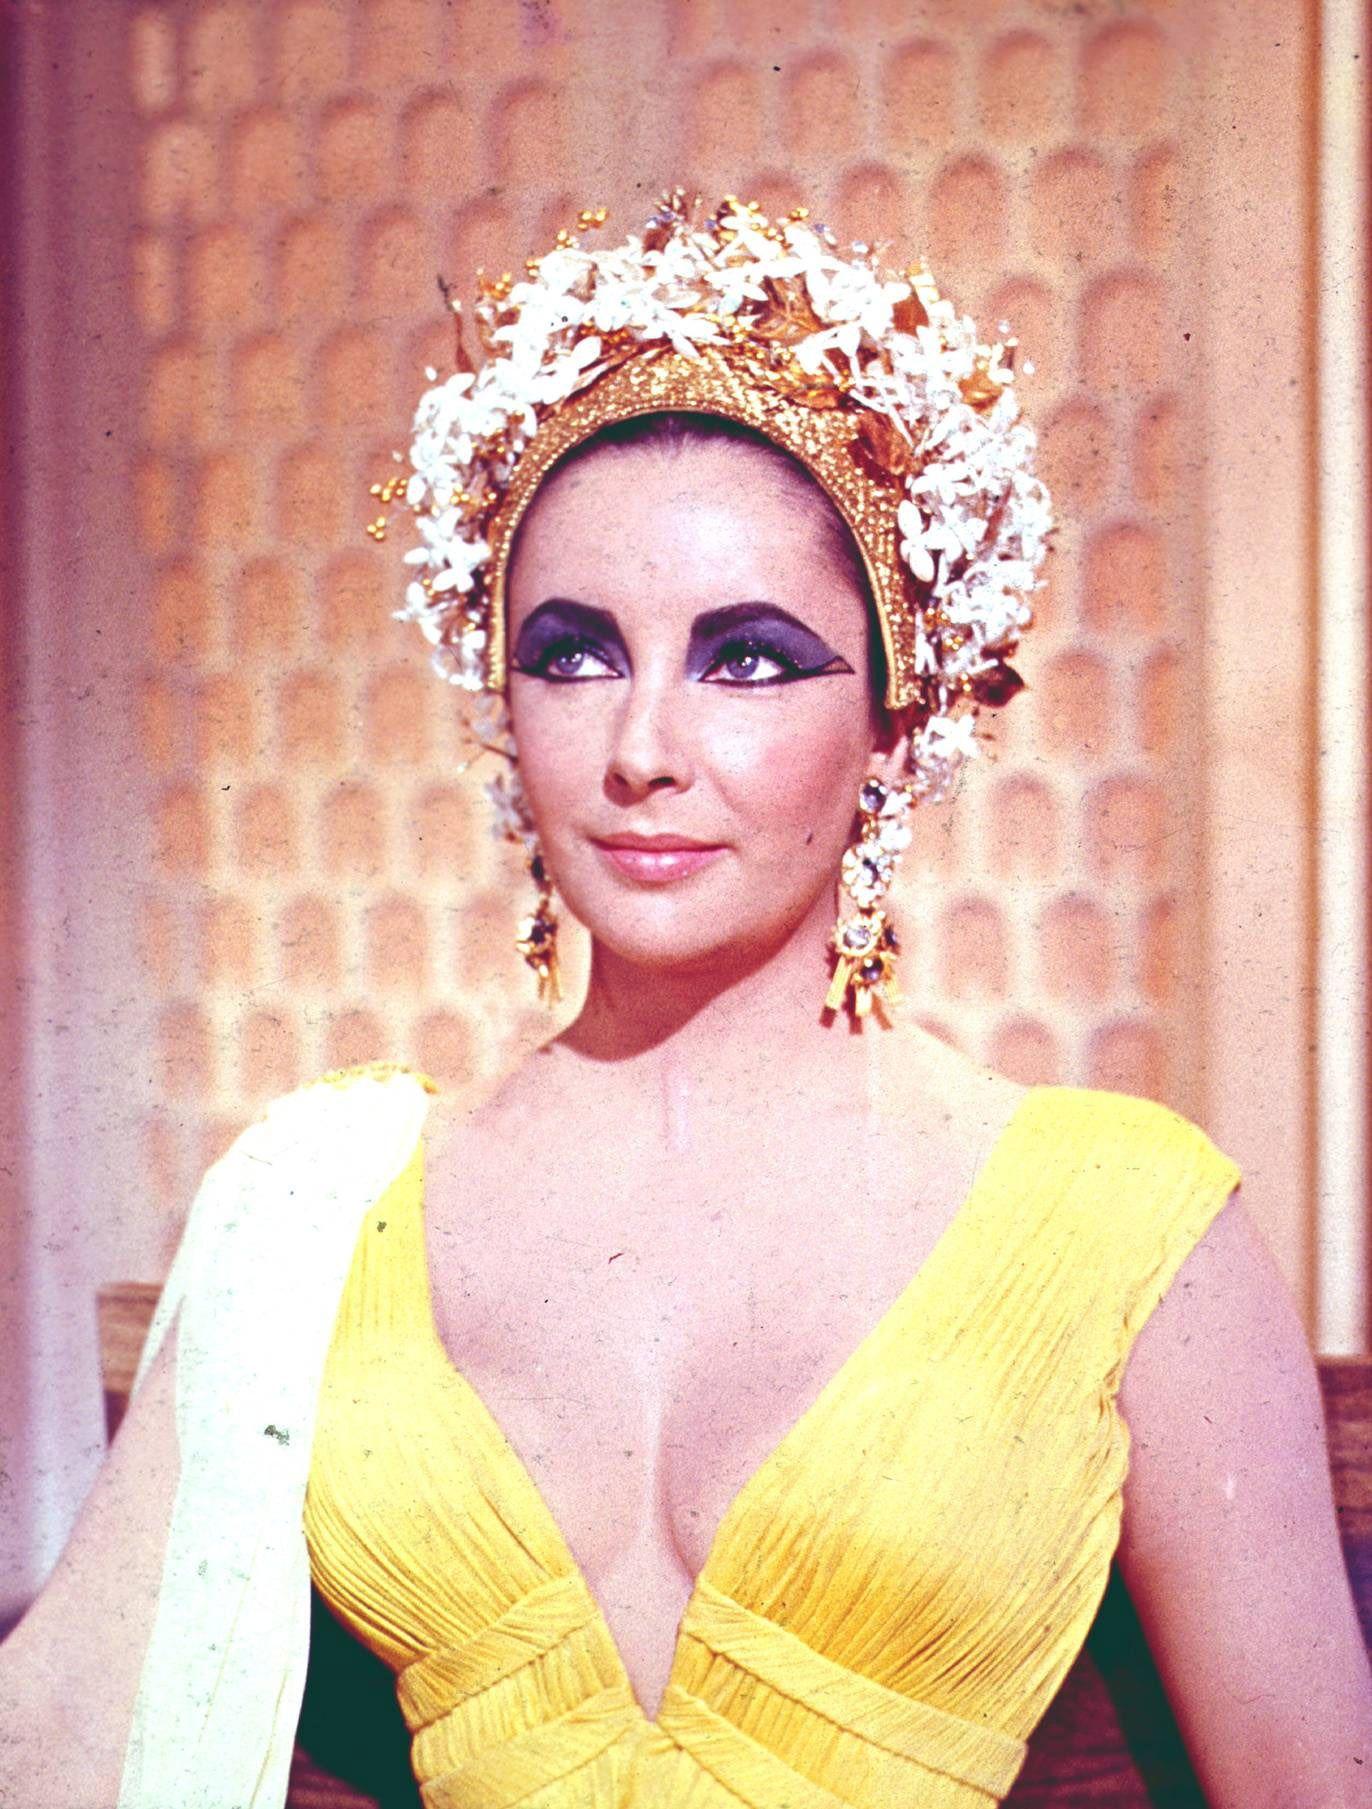 Elizabeth Taylor as Cleopatra Photo Gallery | Elizabeth Taylor ...